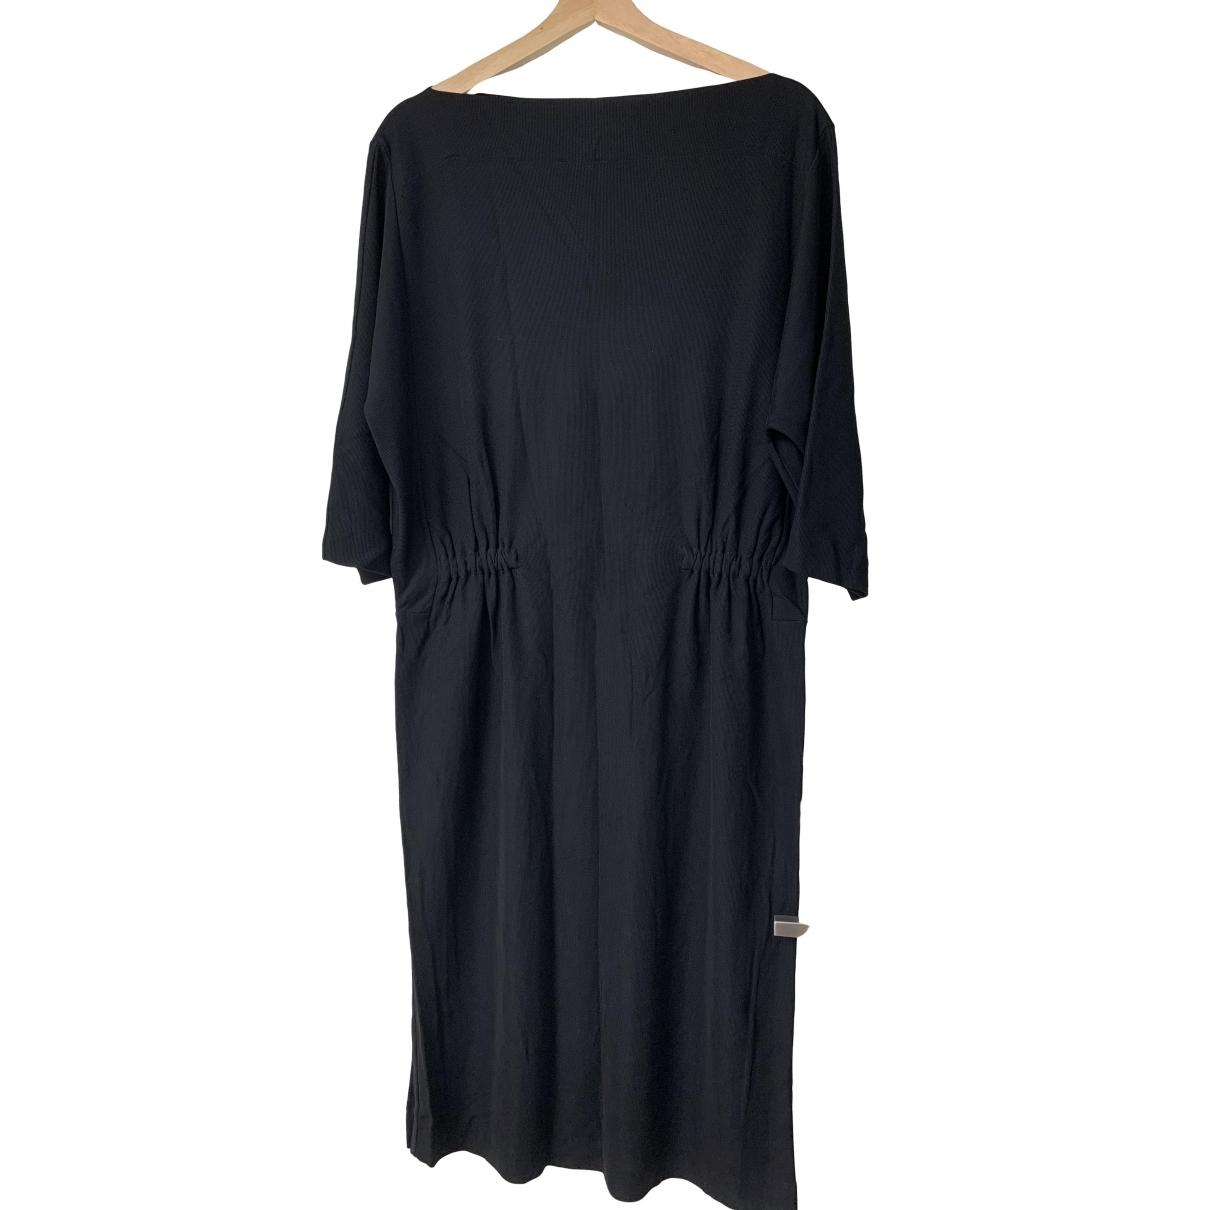 Maison Martin Margiela \N Black dress for Women 42 IT